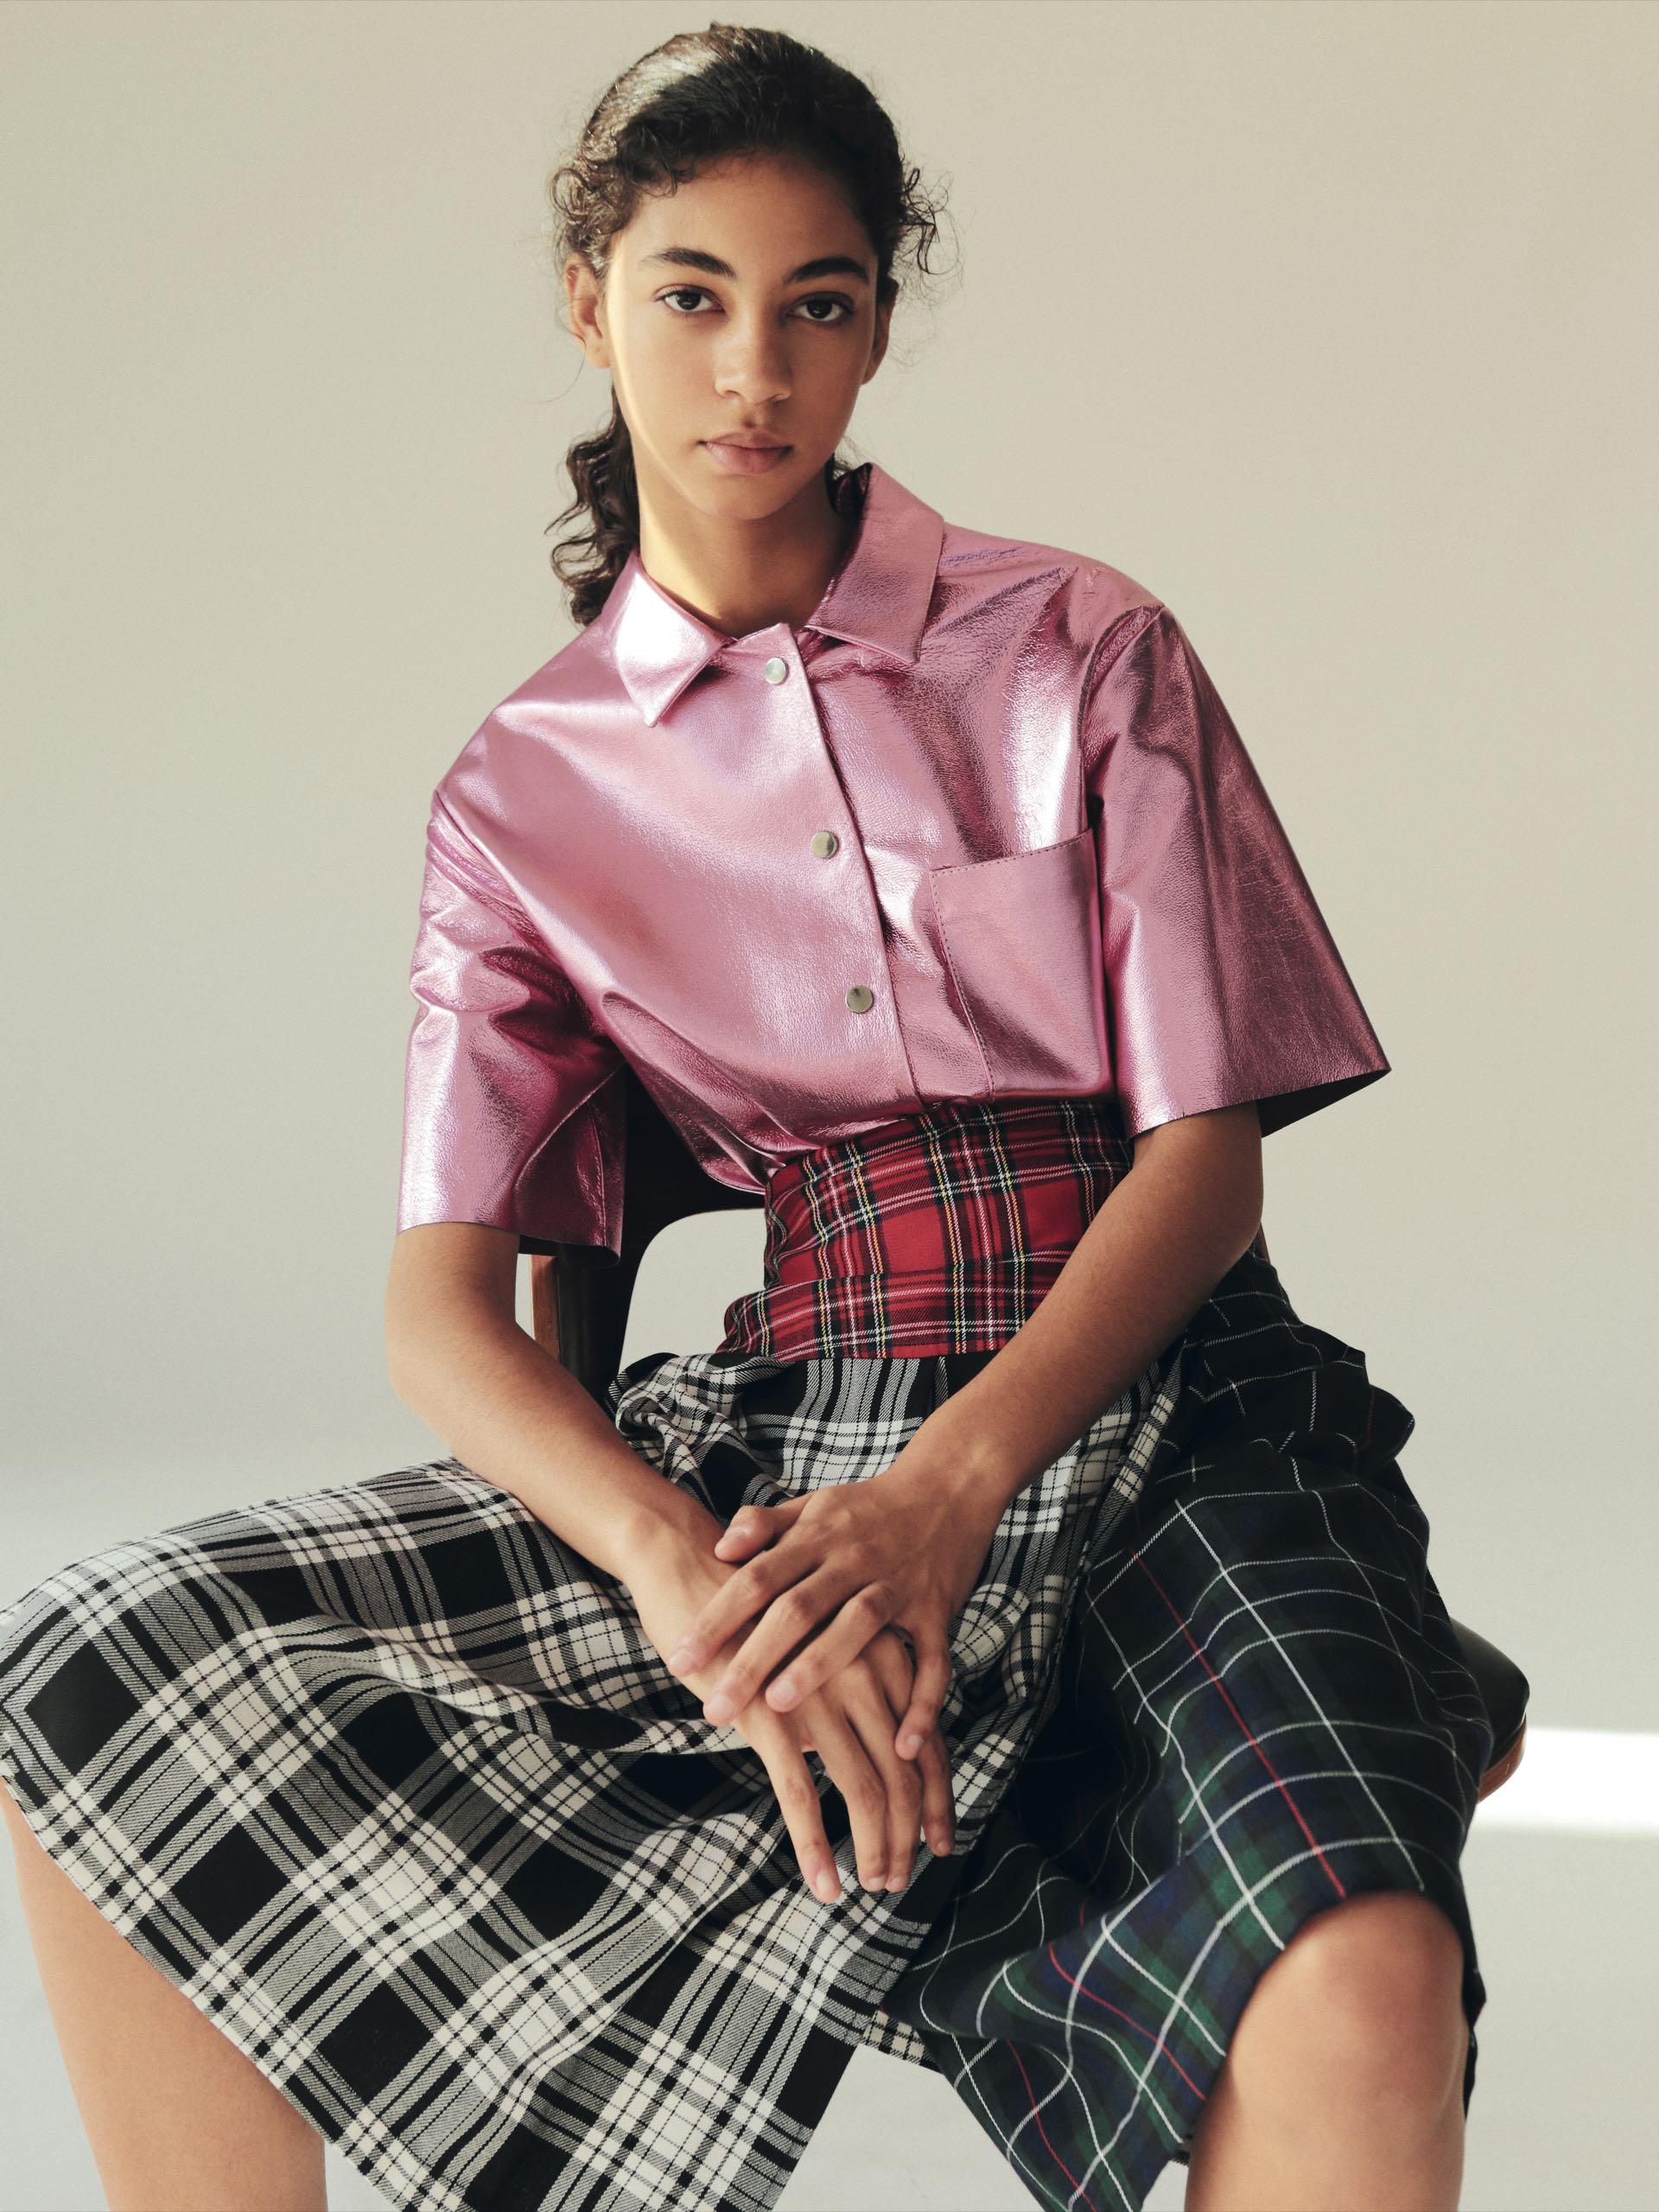 Fue elegida por models.com como una de las revelaciones de la temporada.